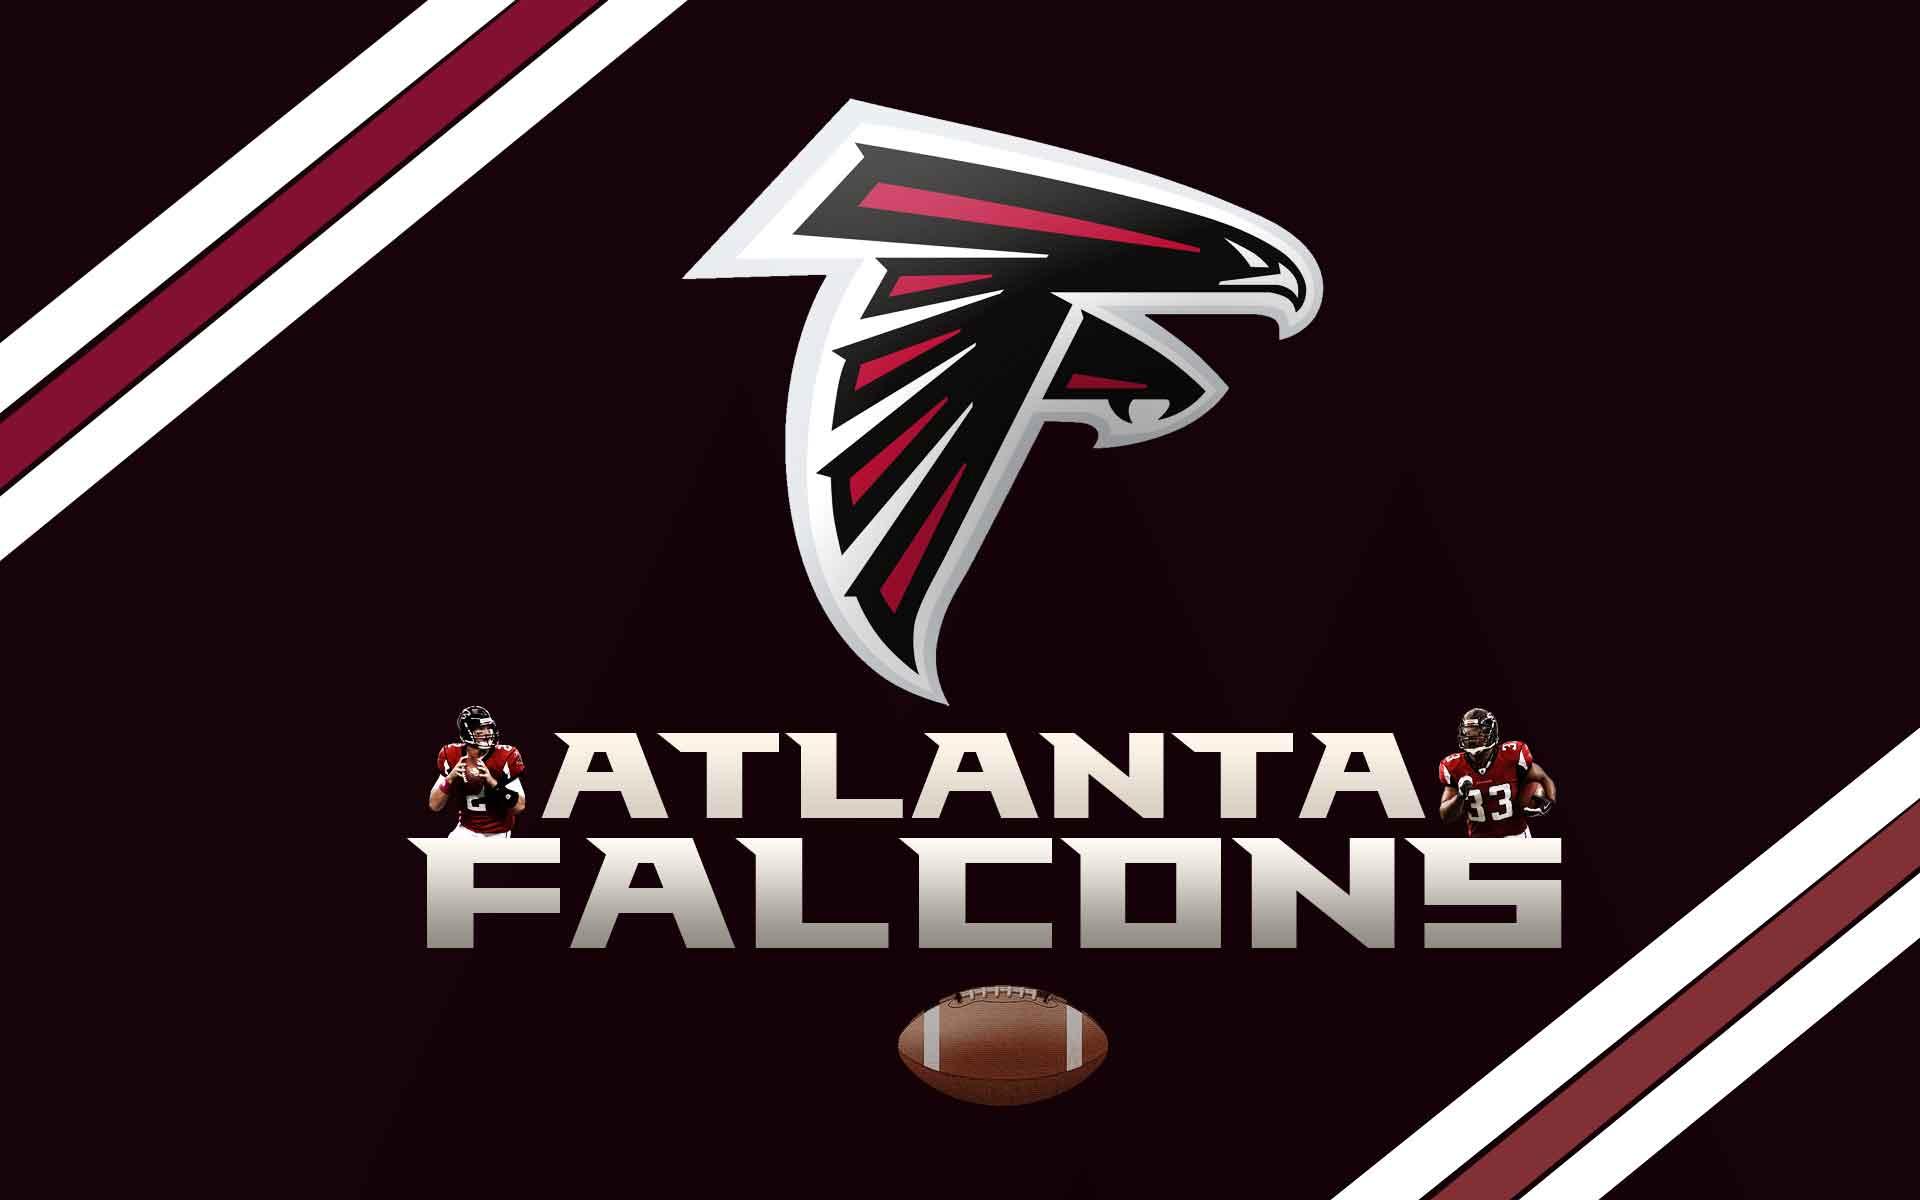 Wallpapers   Atlanta Falcons Wallpaper wallpaper 1920x1200